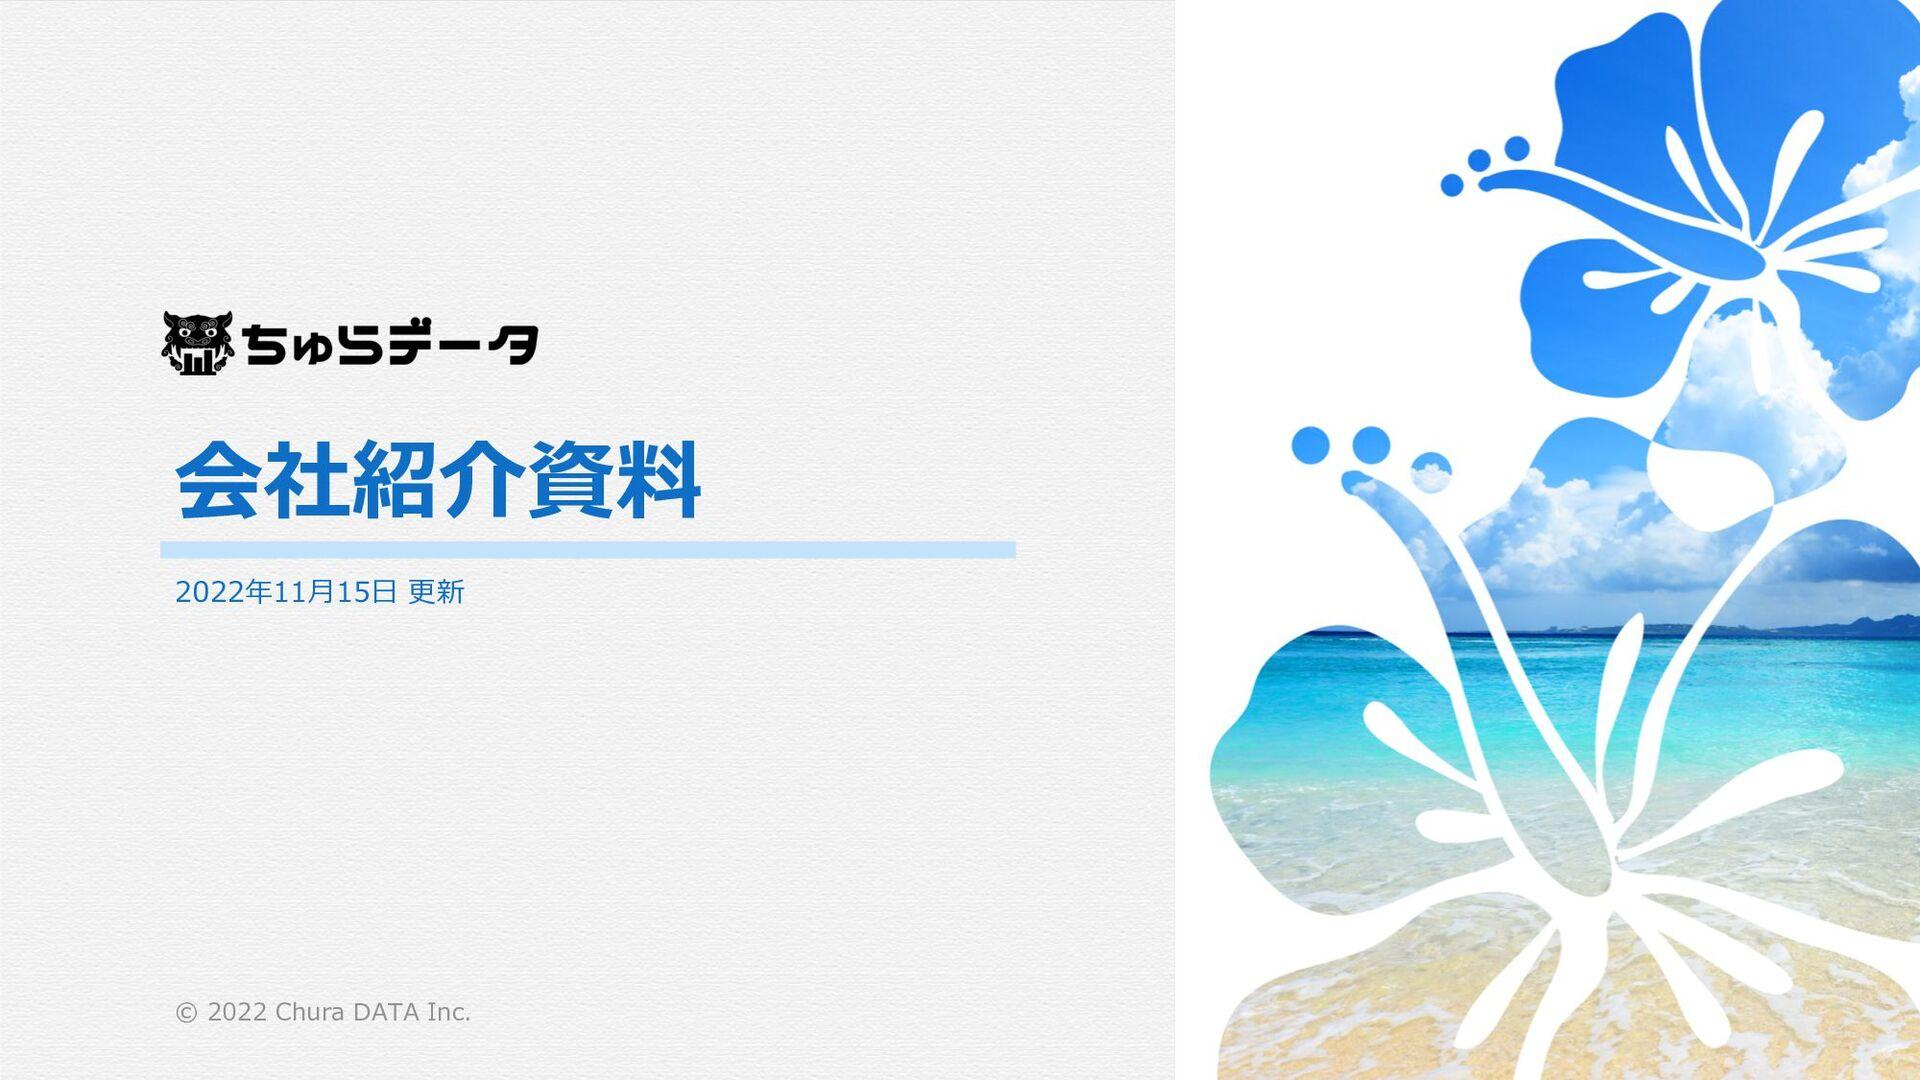 ちゅらデータ 会社紹介資料 2021年8⽉18⽇ 更新 © 2021 Chura DATA i...